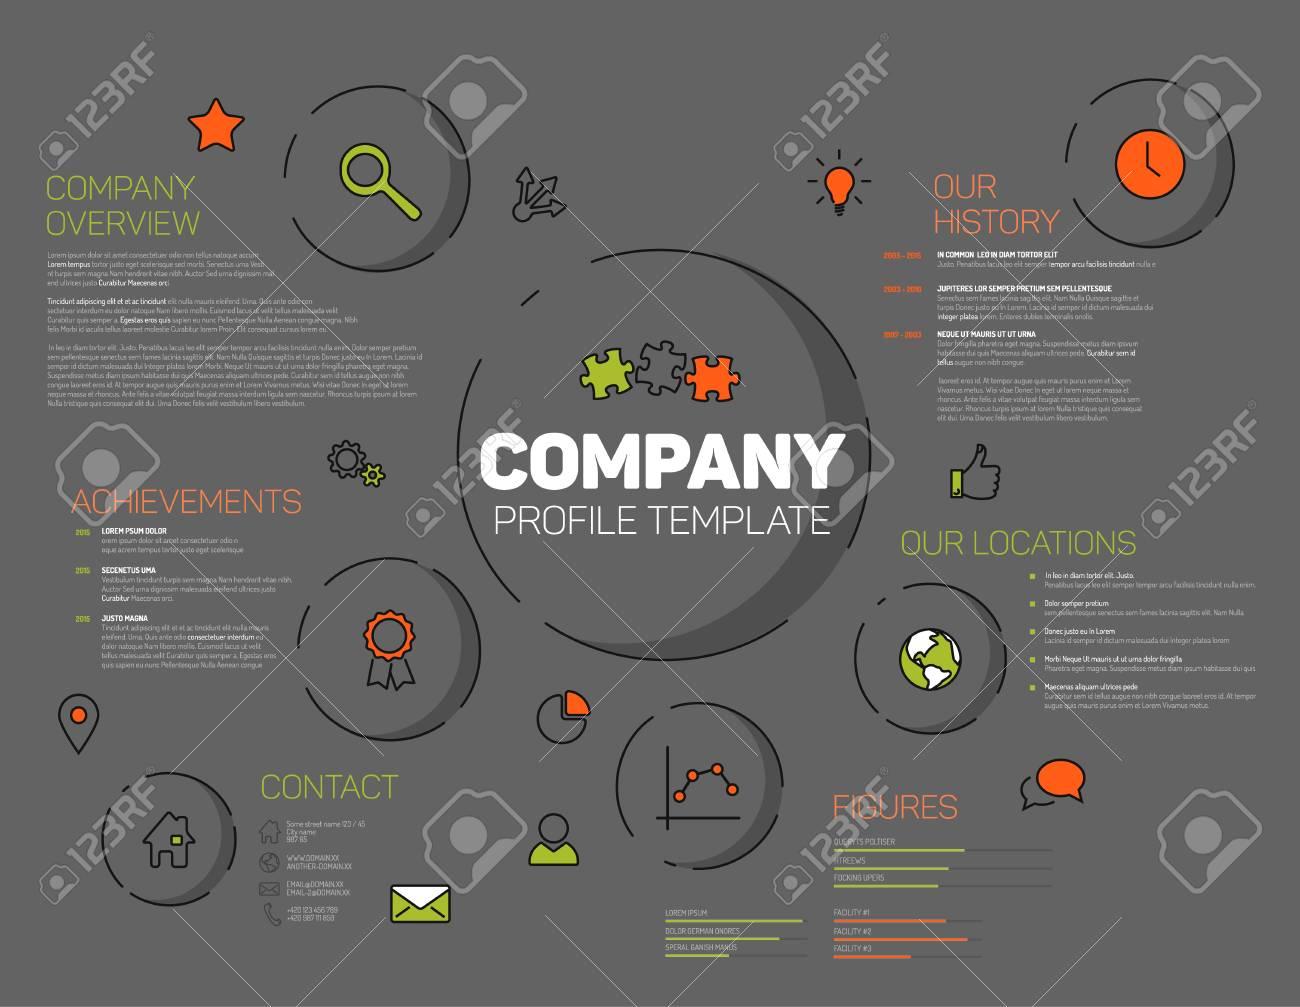 Firmenprofil Vorlage Corporation Main Informationen 15